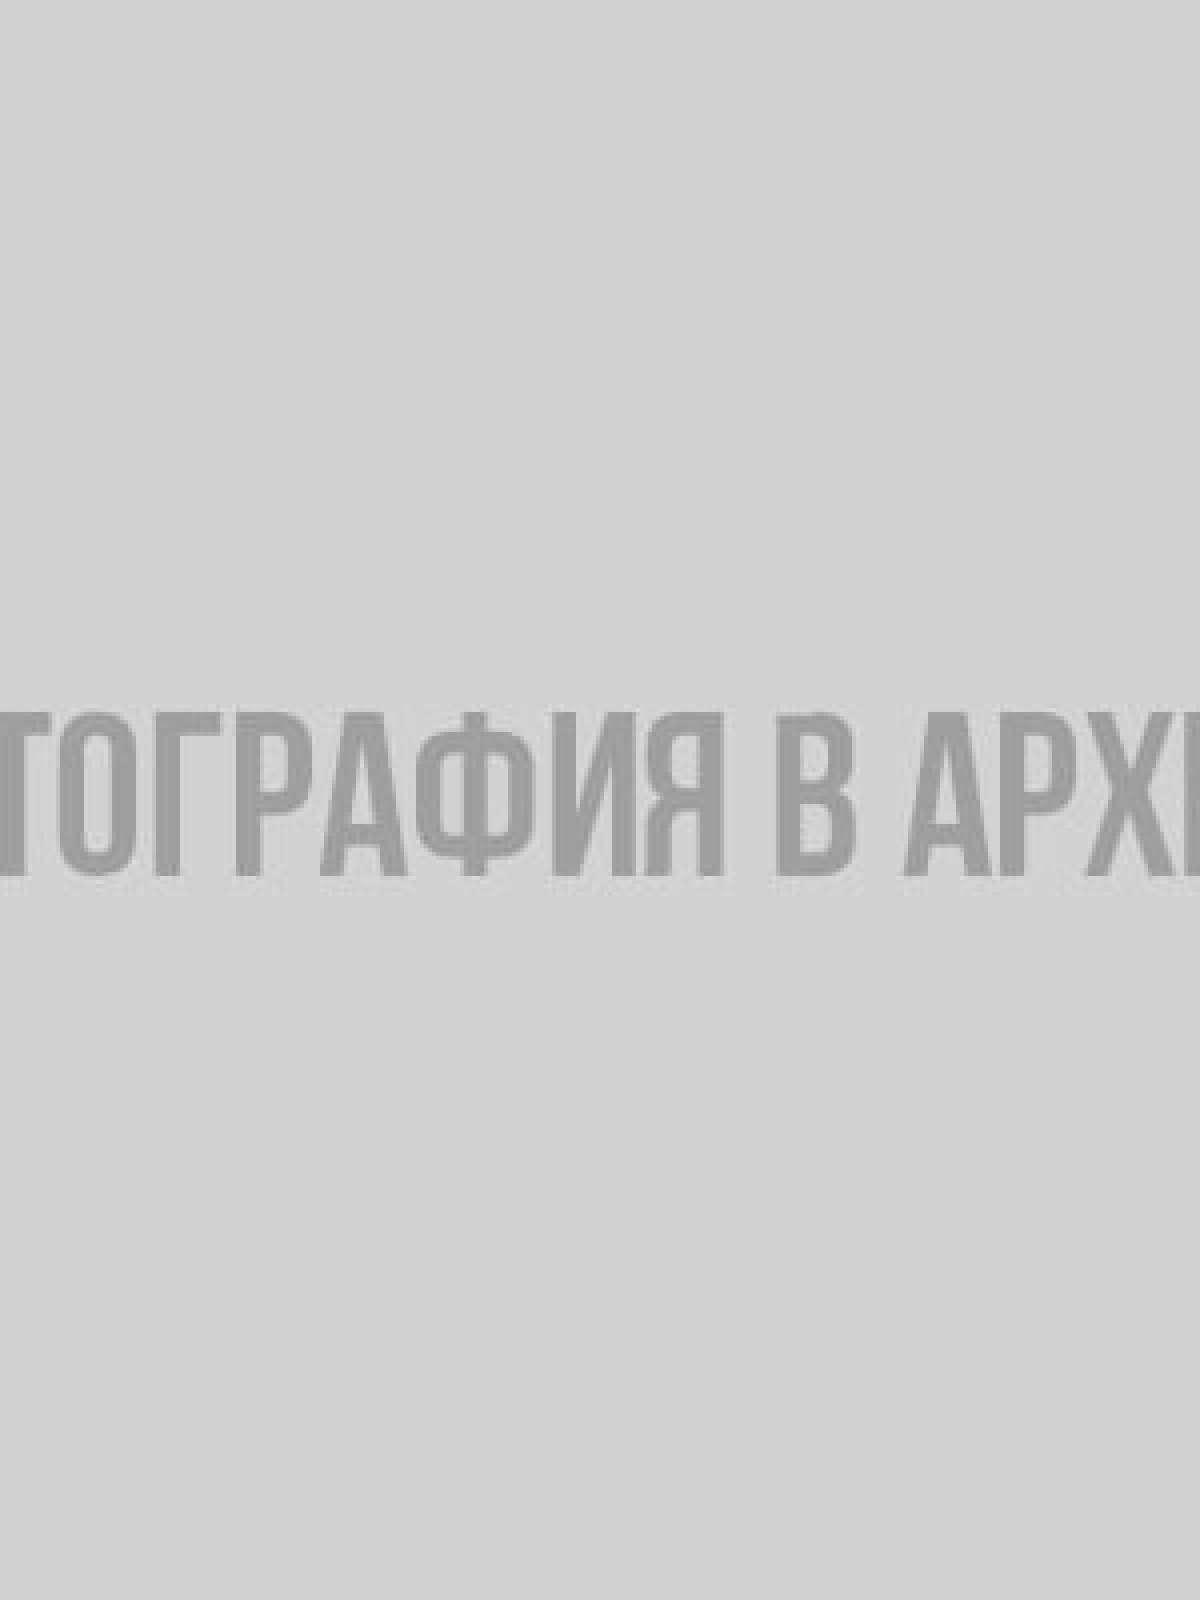 """Фото: грибники Ленобласти делятся своими находками с """"тихой охоты"""" Тихая охота, Ленобласть, грибы, грибники"""